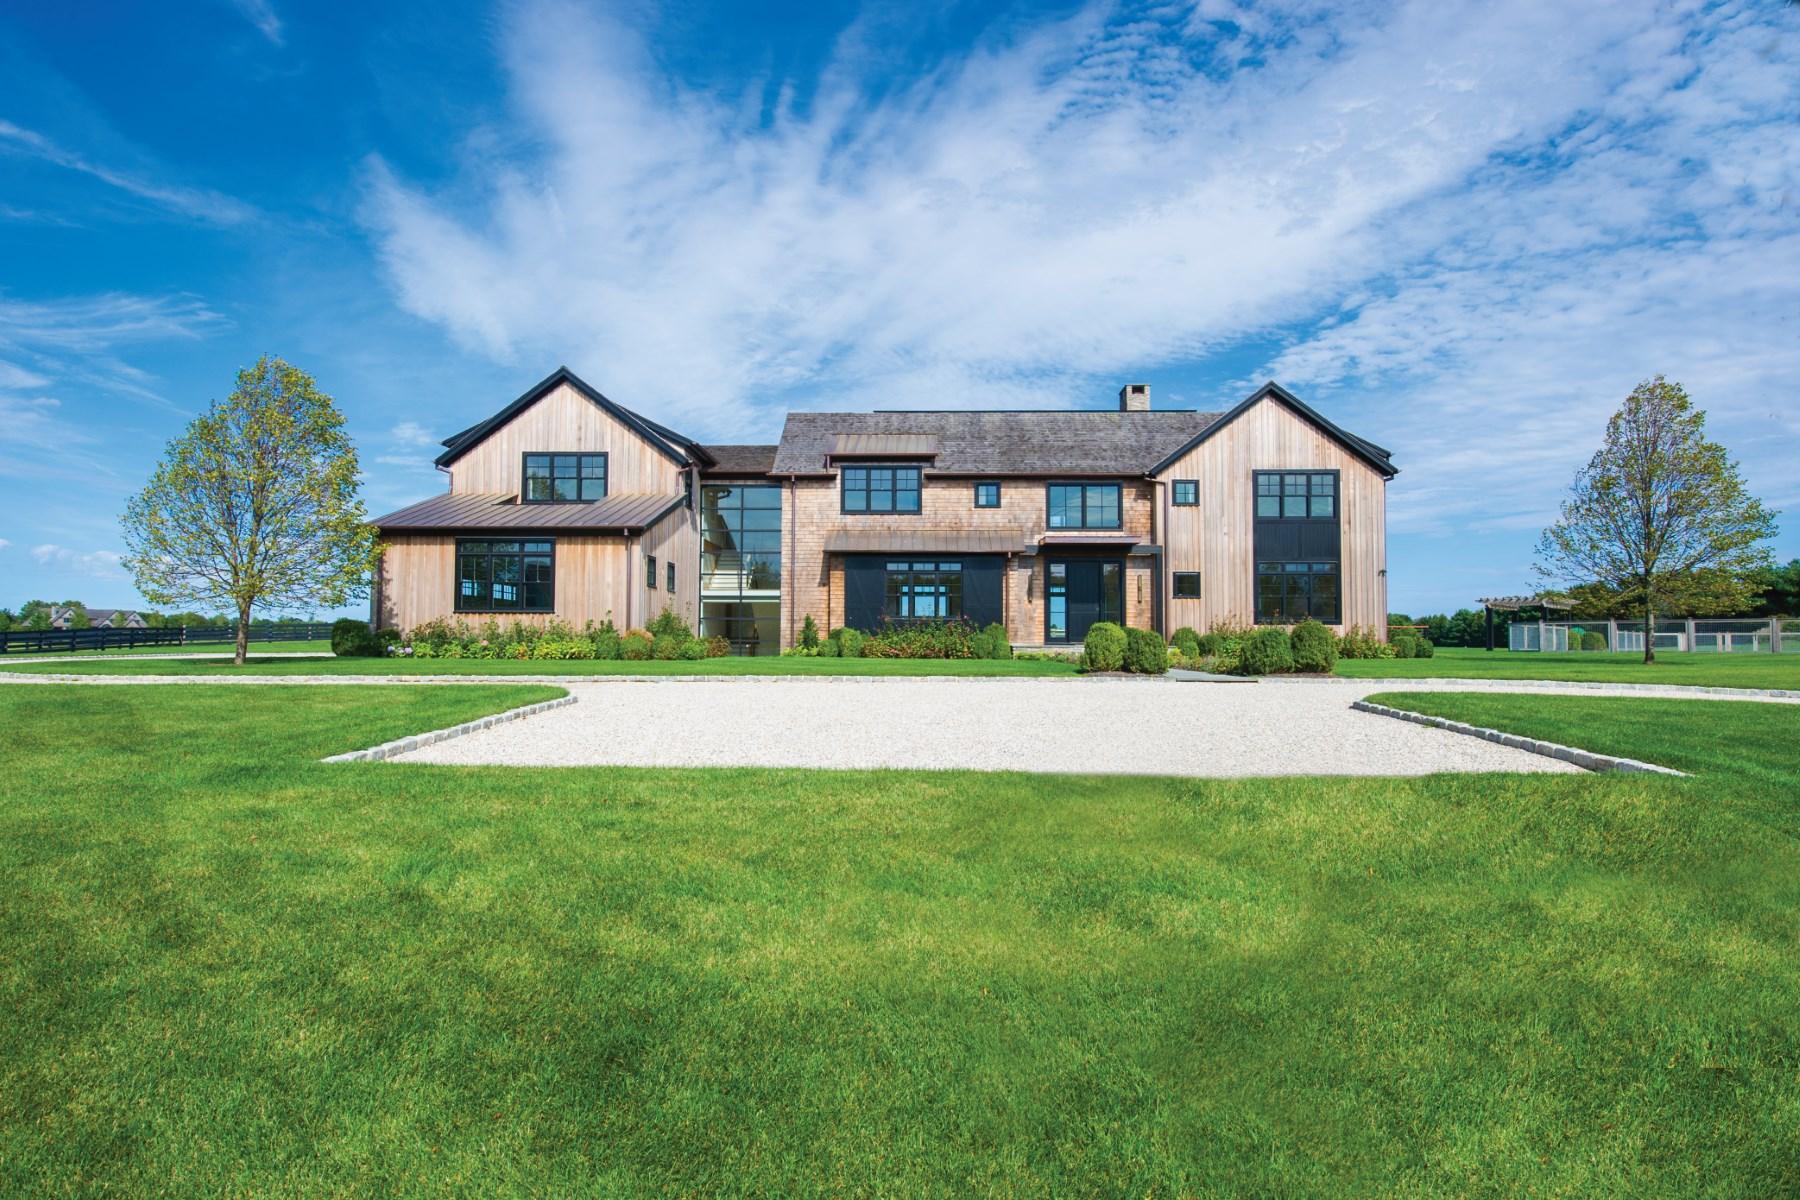 Imóvel para arrendar Bridgehampton